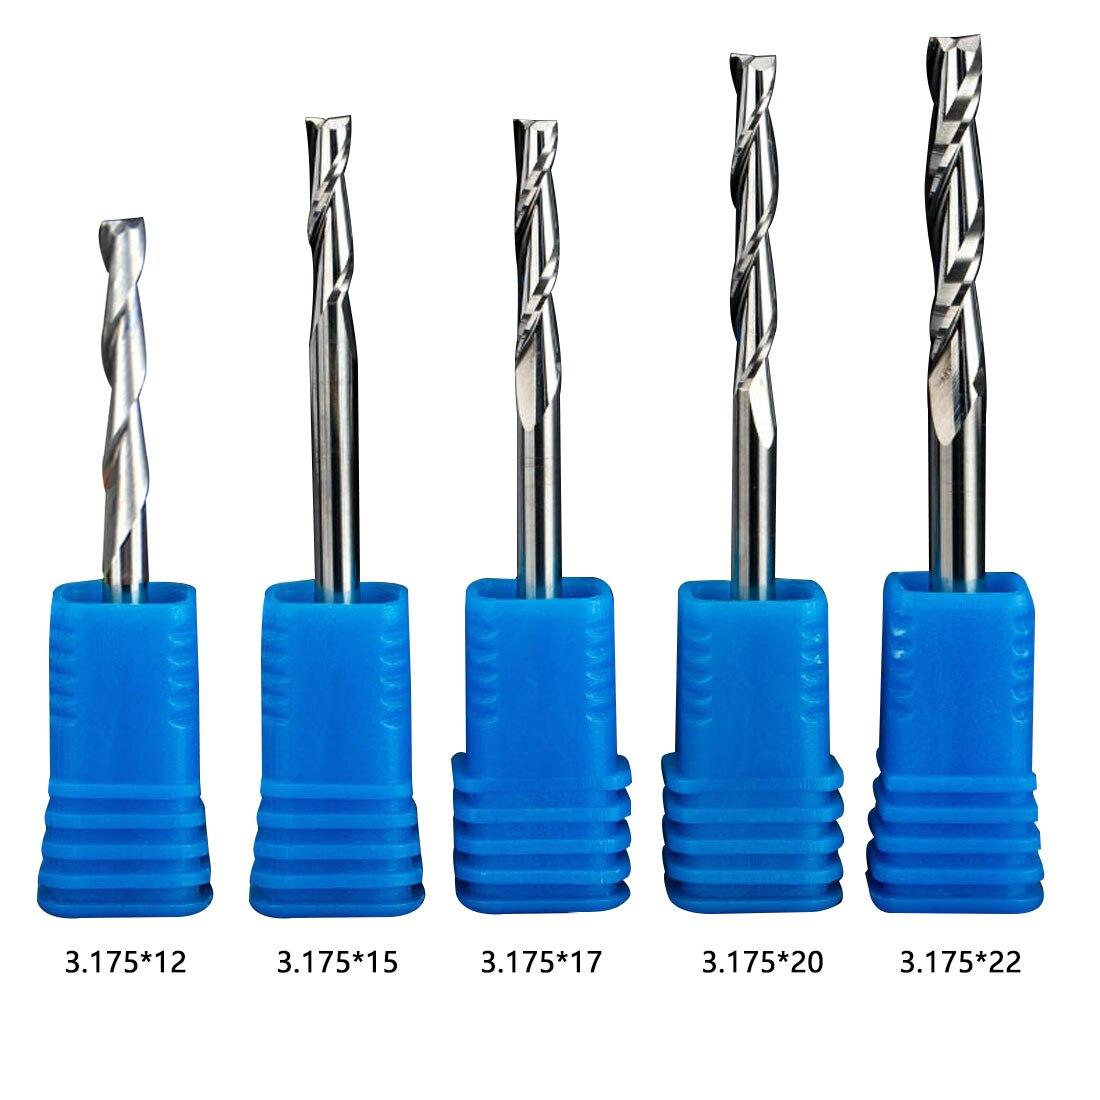 1 Stück 3,175mm Zwei Flöten Gerade Router Bits Für Holz Cnc Gerade Gravur Fräser Hartmetall-schaftfräser Werkzeuge Fräser Und Verdauung Hilft